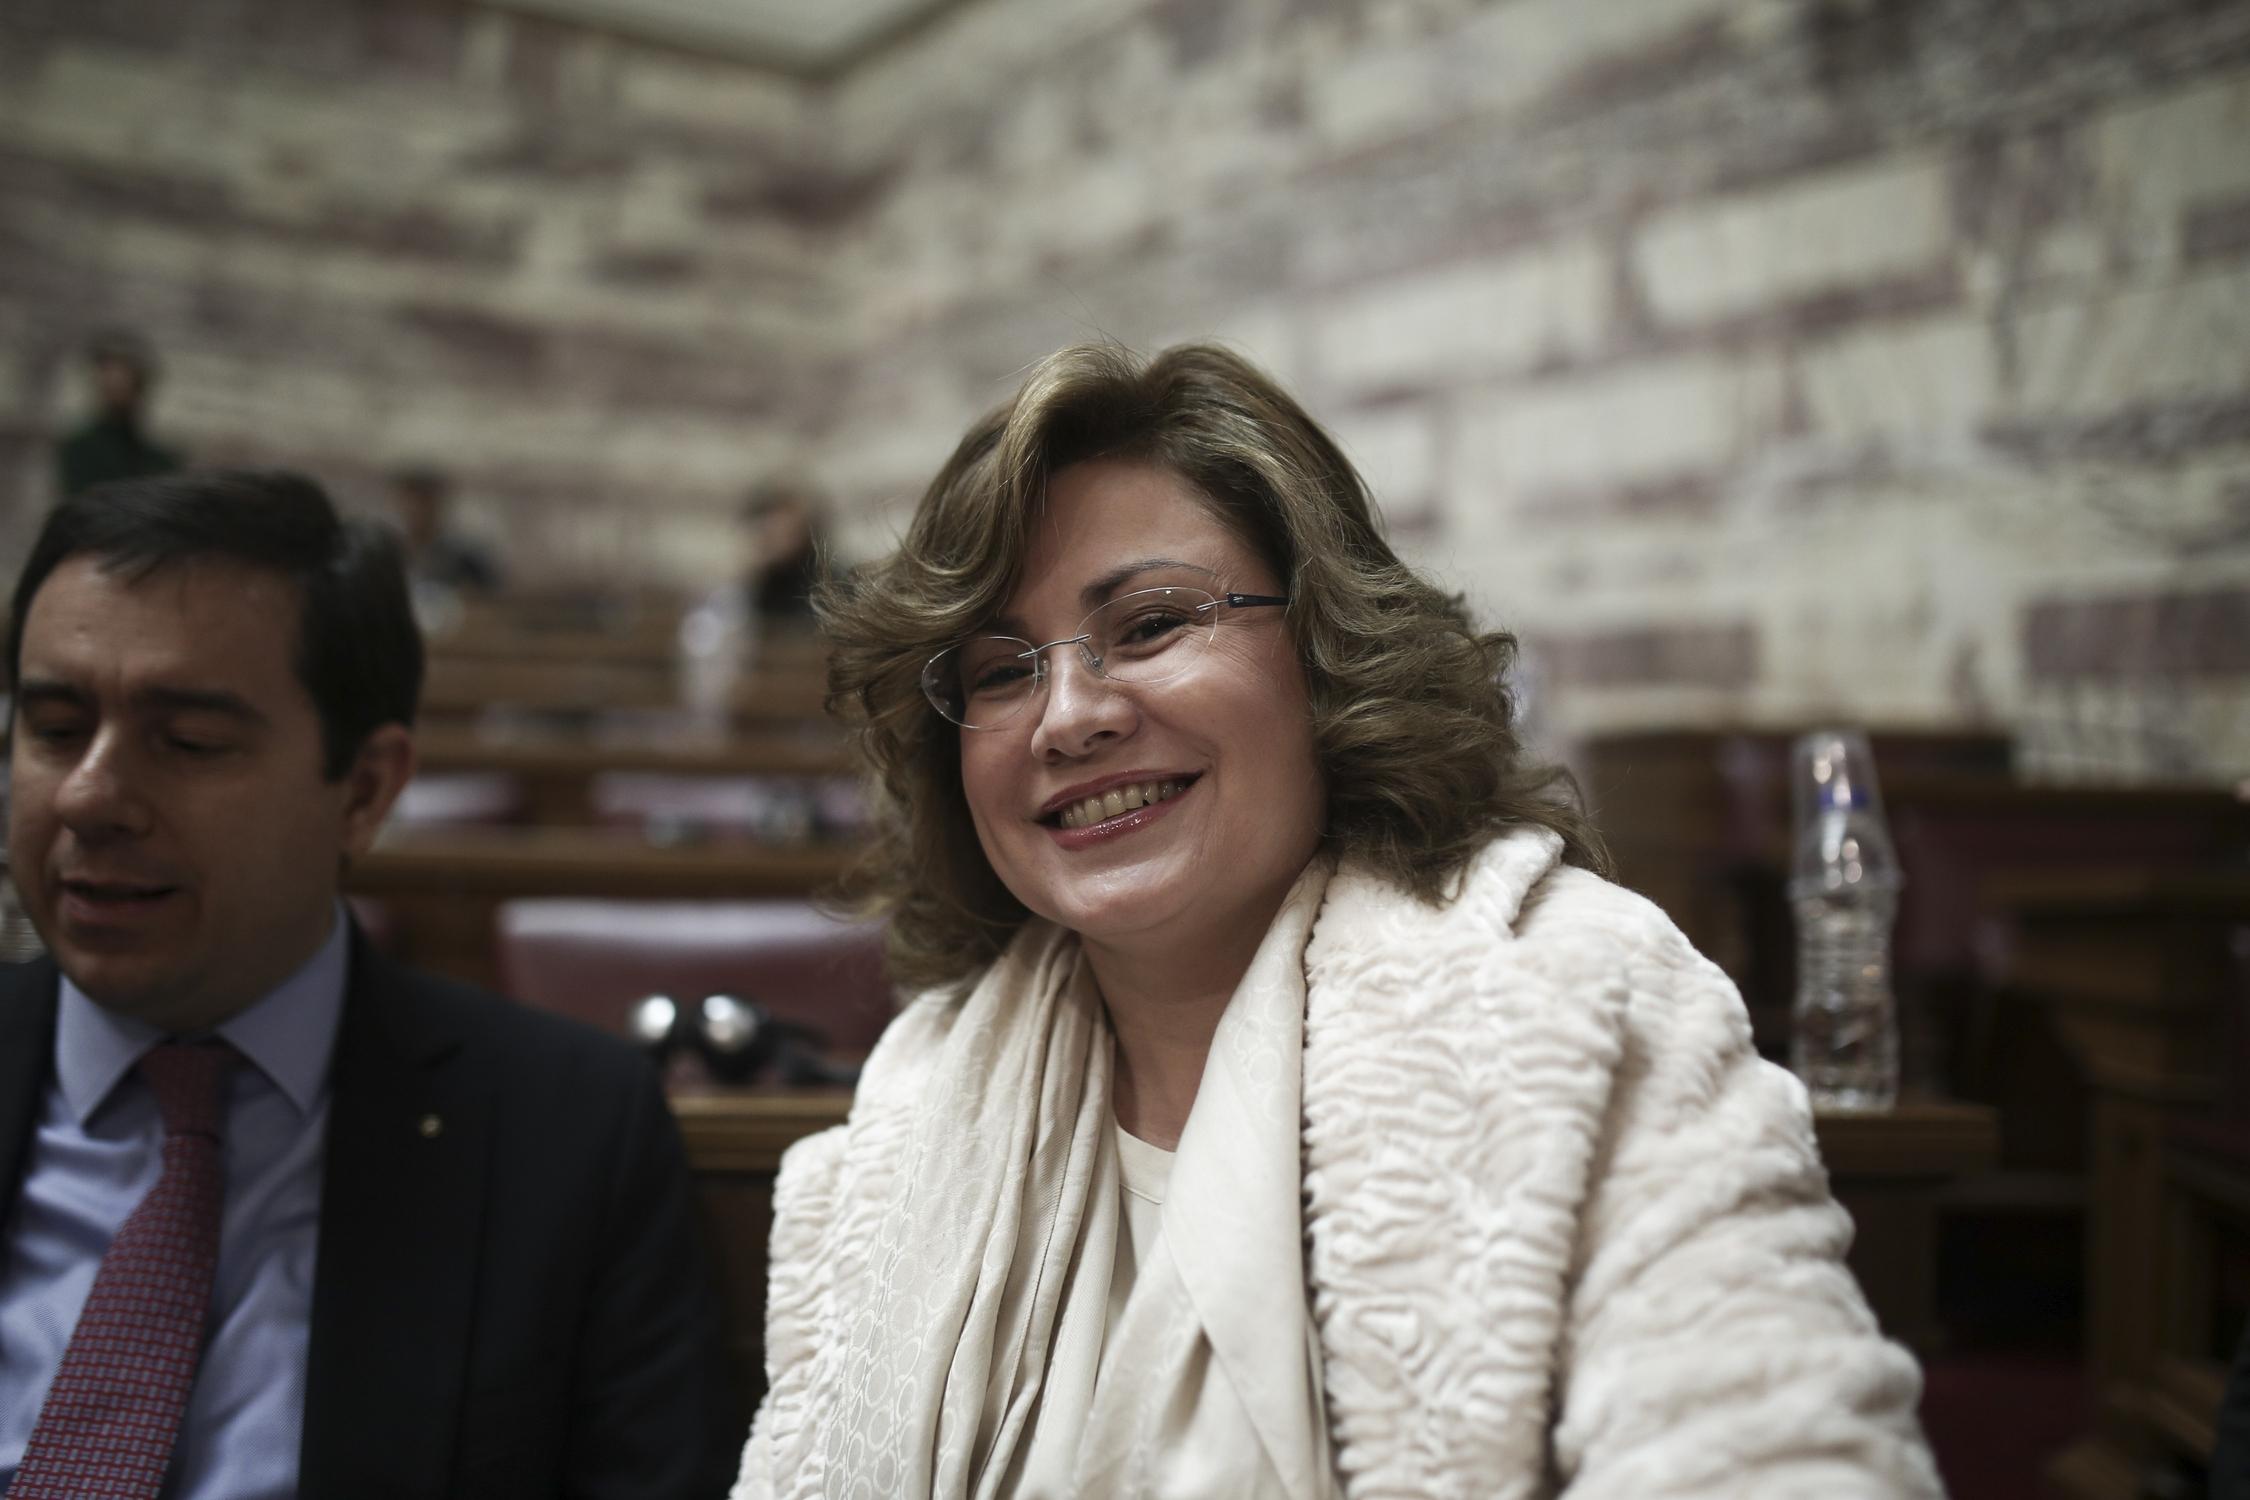 Σπυράκη: Ο Μητσοτάκης είναι ο μόνος που συμμερίζεται το λαϊκό αίσθημα